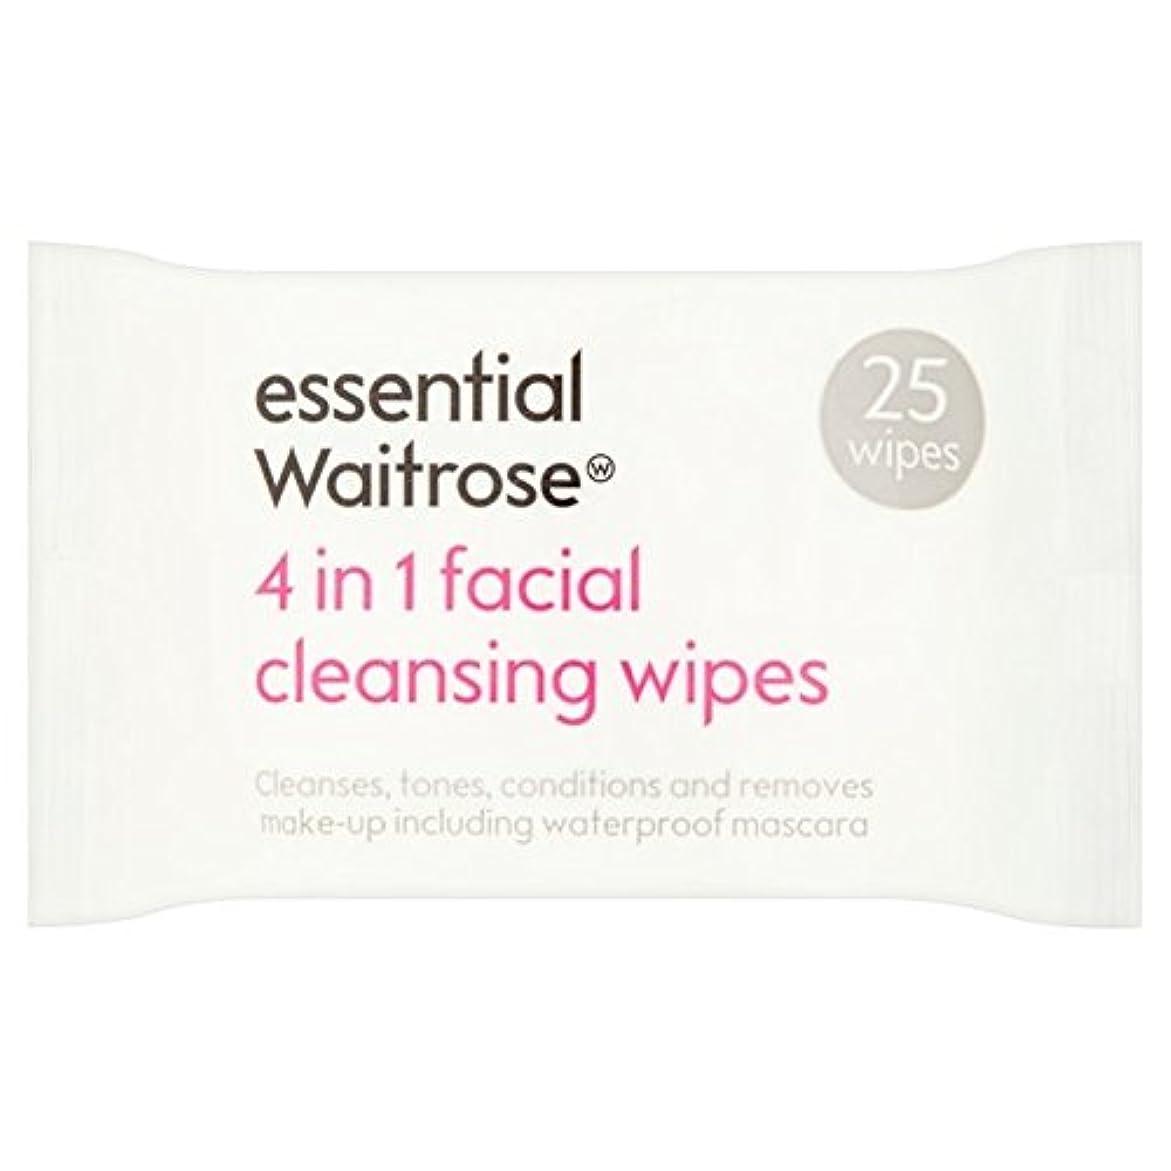 ポジション盲目販売計画3 in 1 Facial Wipes essential Waitrose 25 per pack - 3 1での顔のワイプパックあたり不可欠ウェイトローズ25 [並行輸入品]